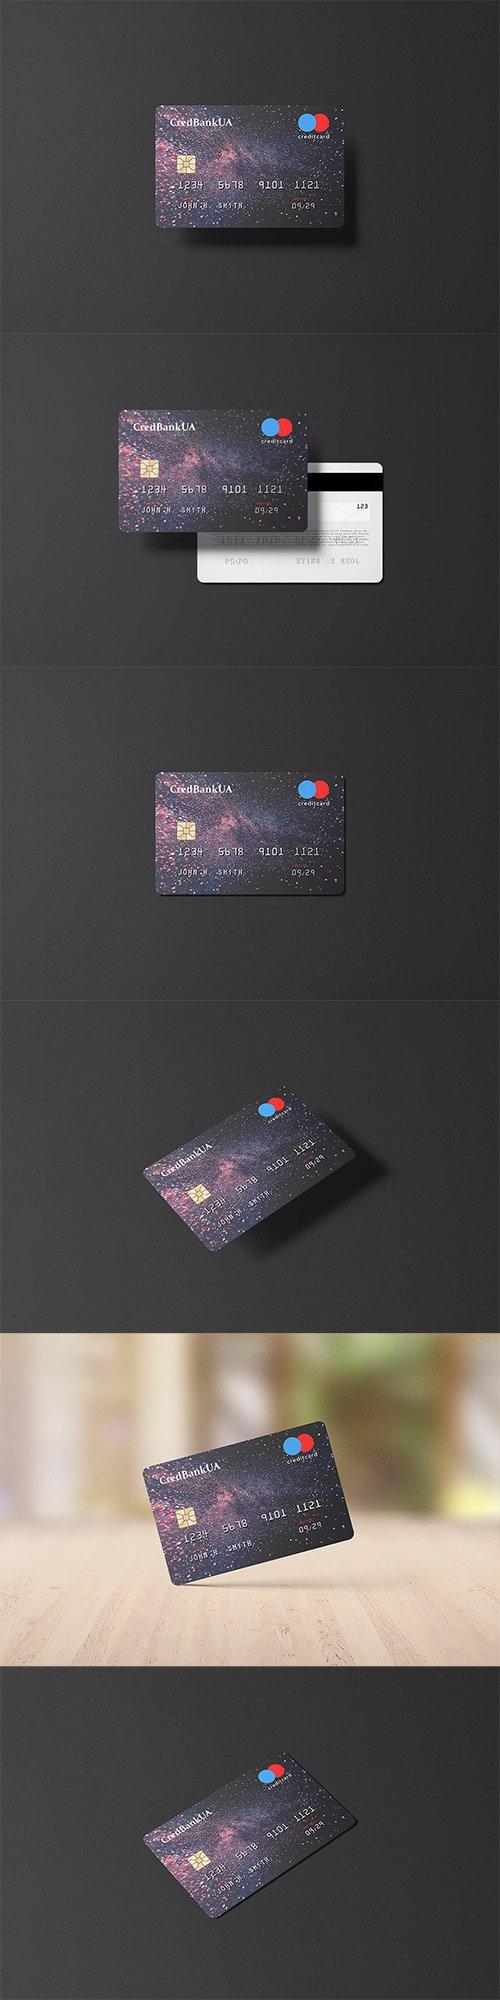 85x55 Landscape Credit Card Mockup